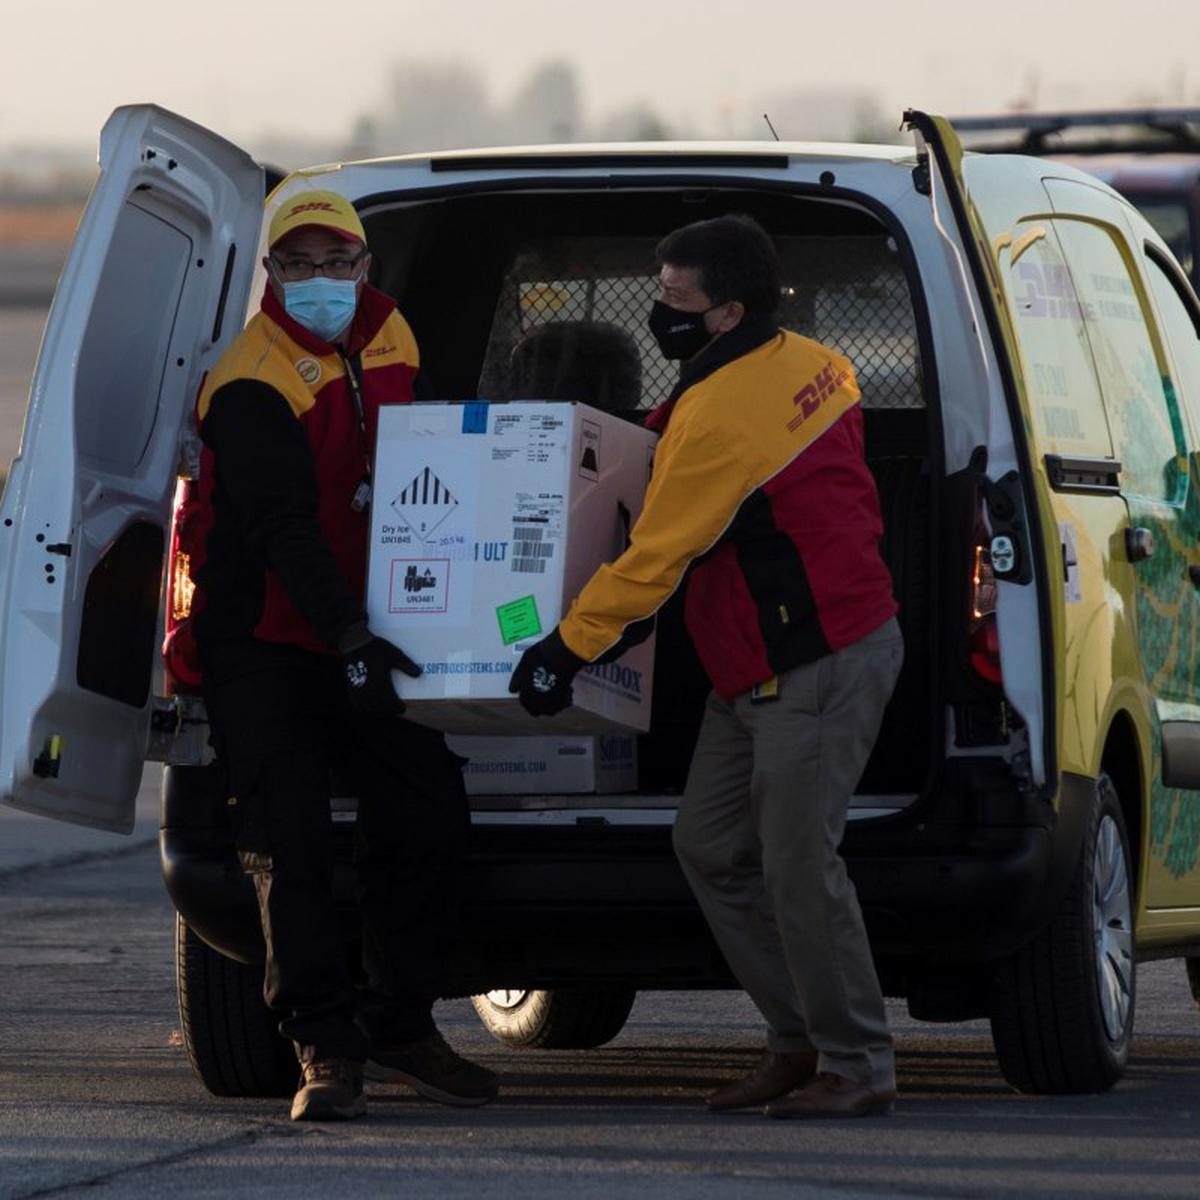 Coronavirus: Llega un nuevo lote de vacunas Pfizer a Chile; Perú extiende su toque de queda hasta el 17 de enero